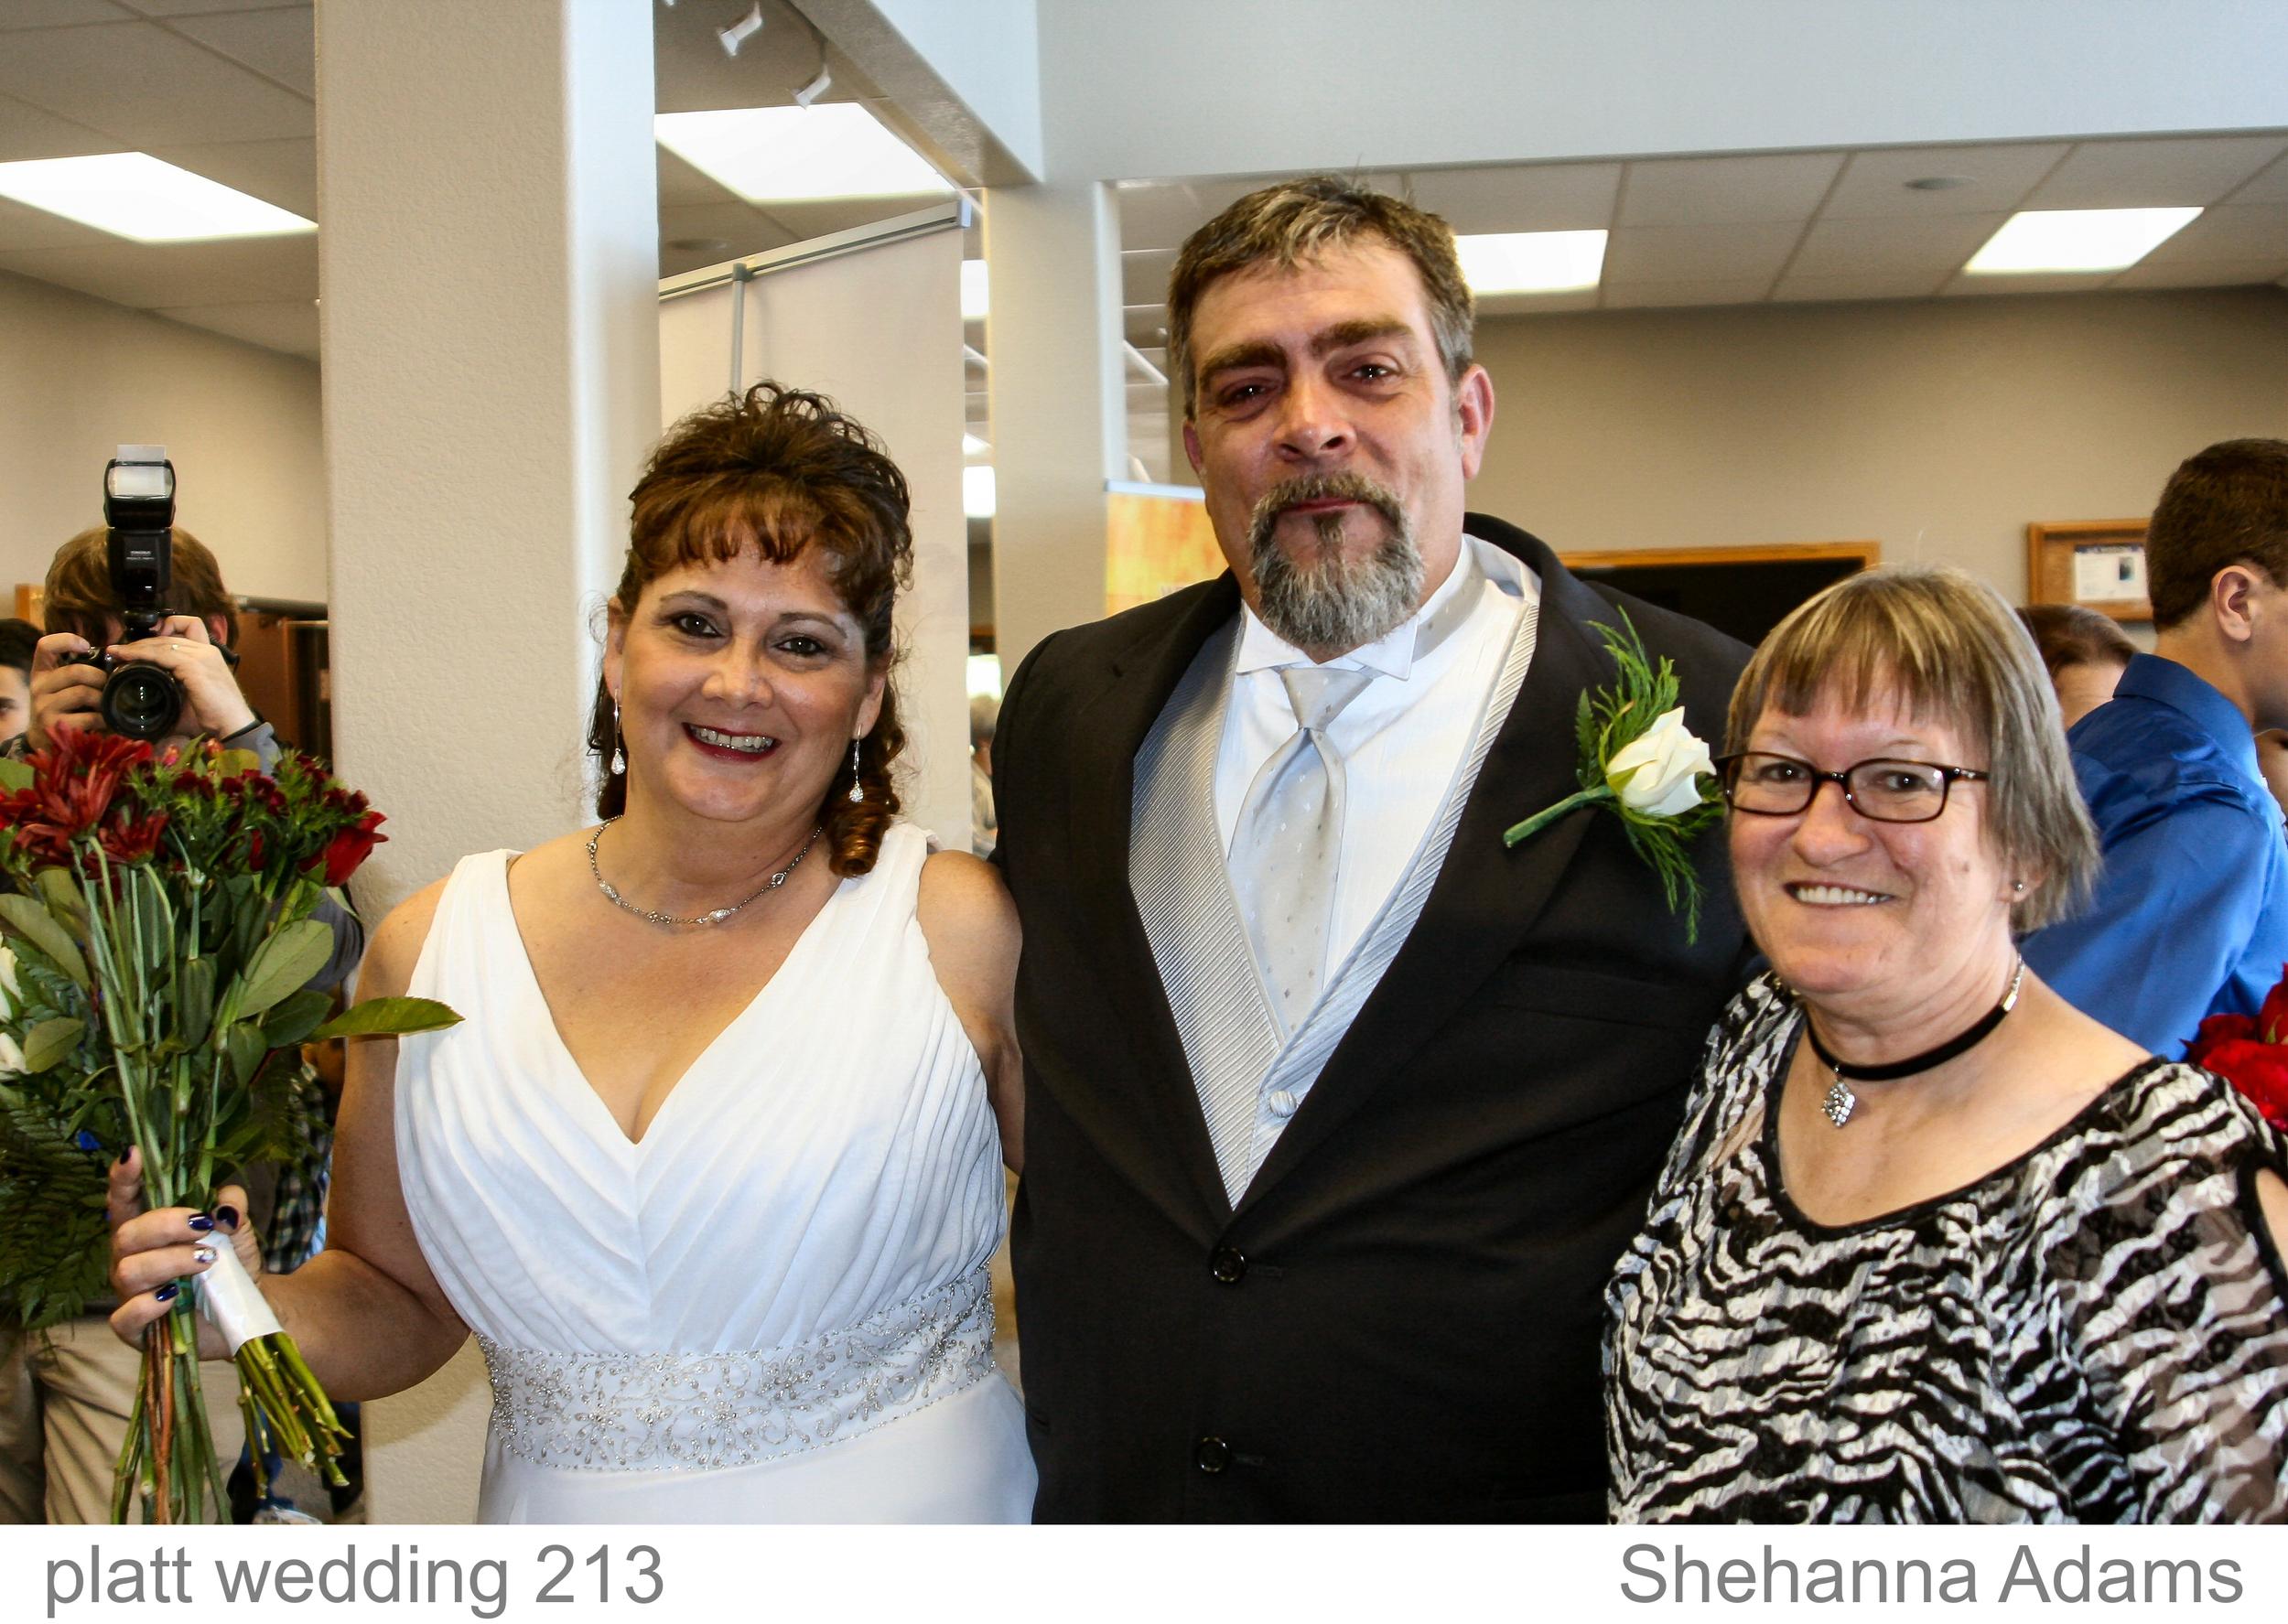 platt wedding 213.jpg